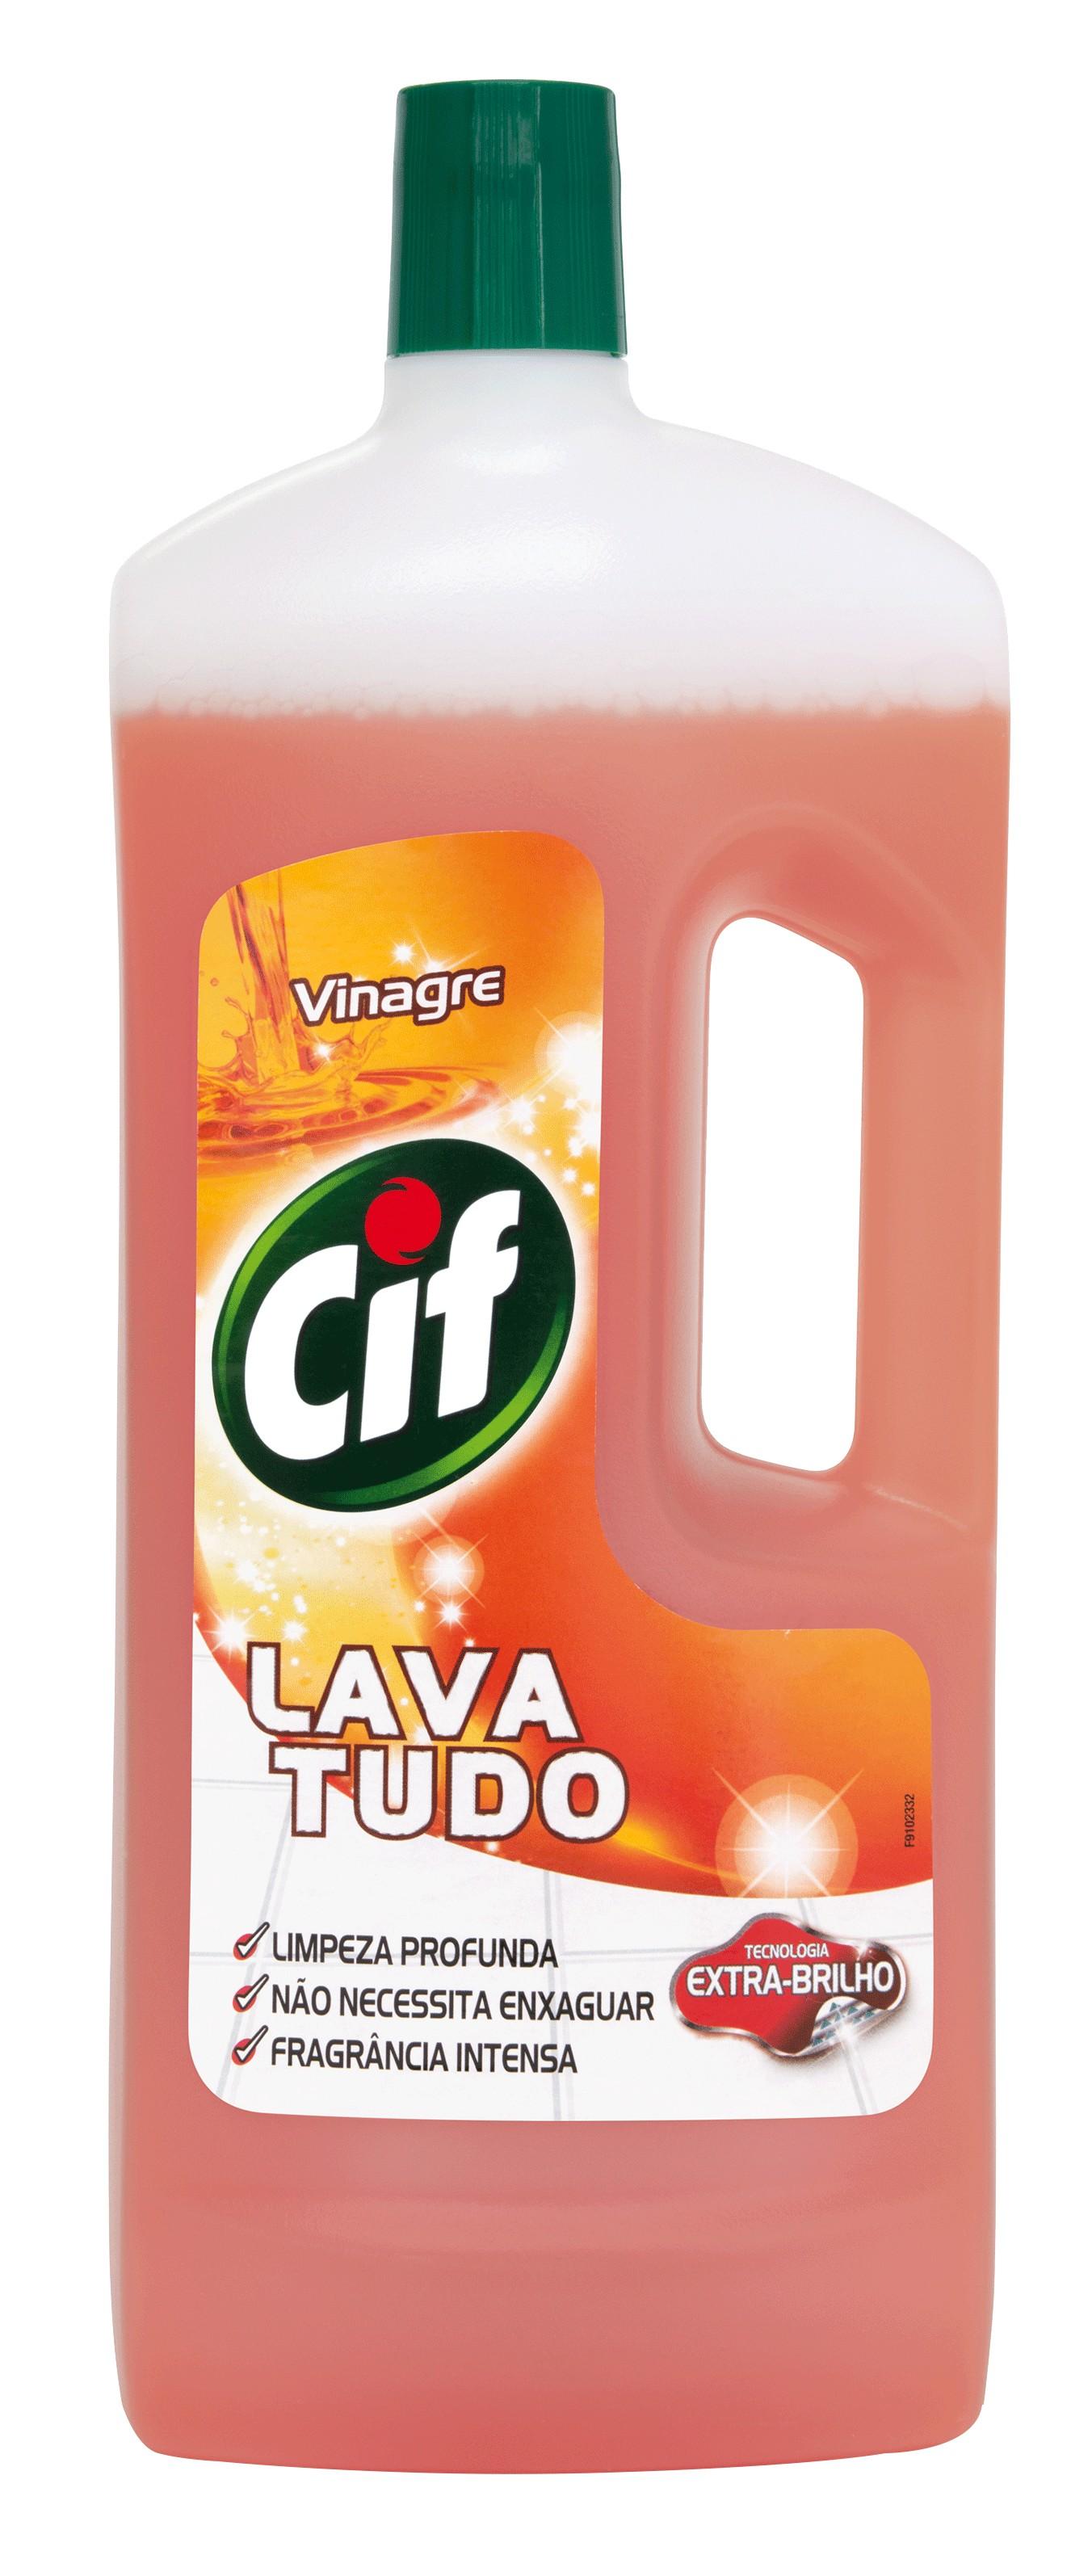 LAVA TUDO CIF VINAGRE 1400ML